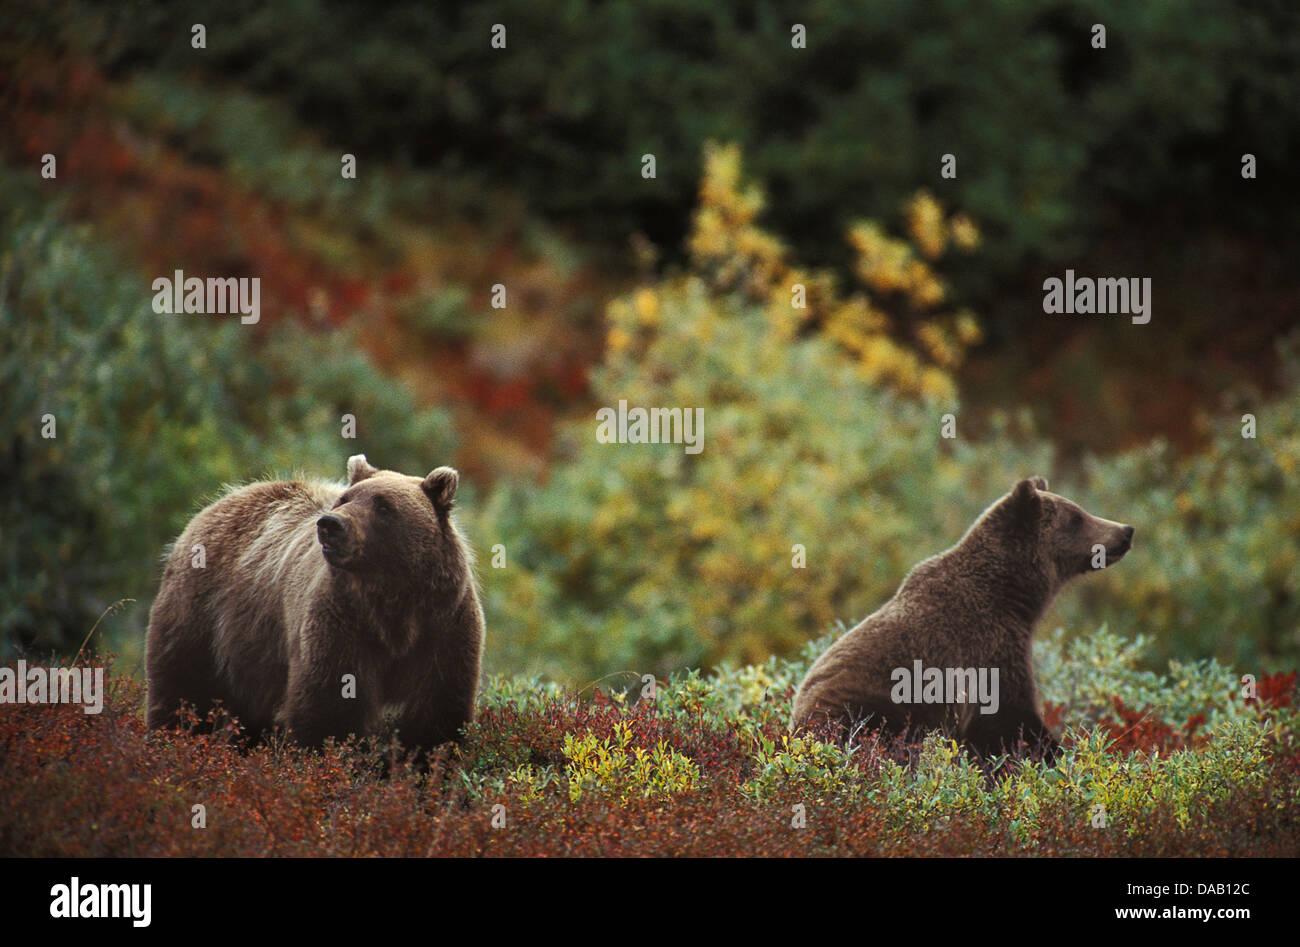 Grizzly Bear, animal, Ursus Arctos, Denali, National Park, Preserve, Alaska, USA, bears, cub, cubs, fall, autumn, - Stock Image